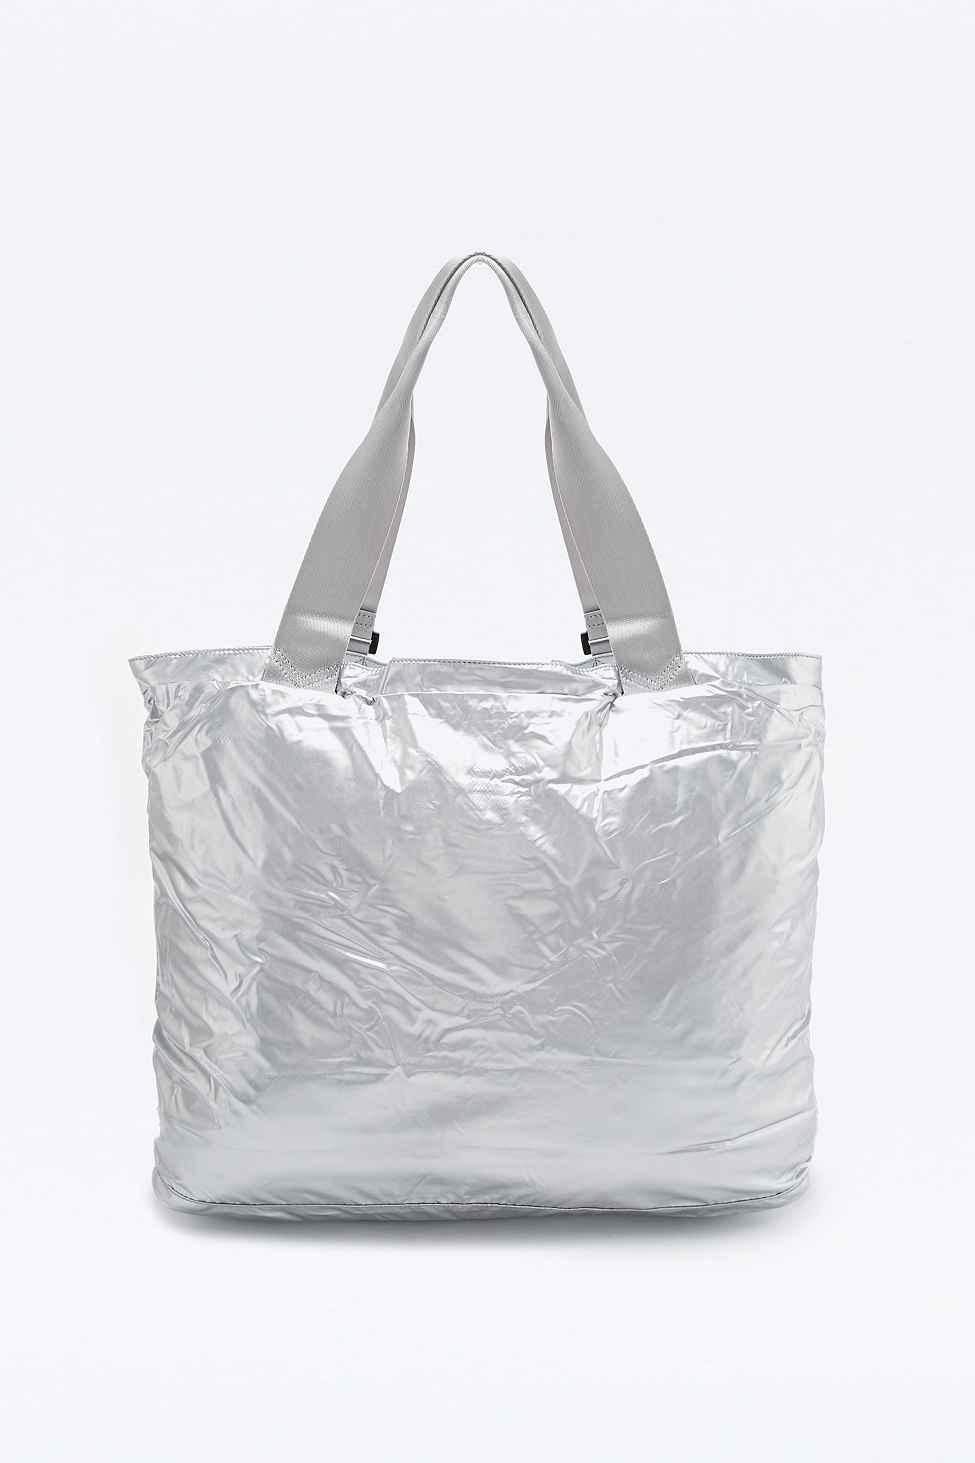 cf90c6a0254a Nike Metallic London Tote Bag In Silver in Metallic - Lyst